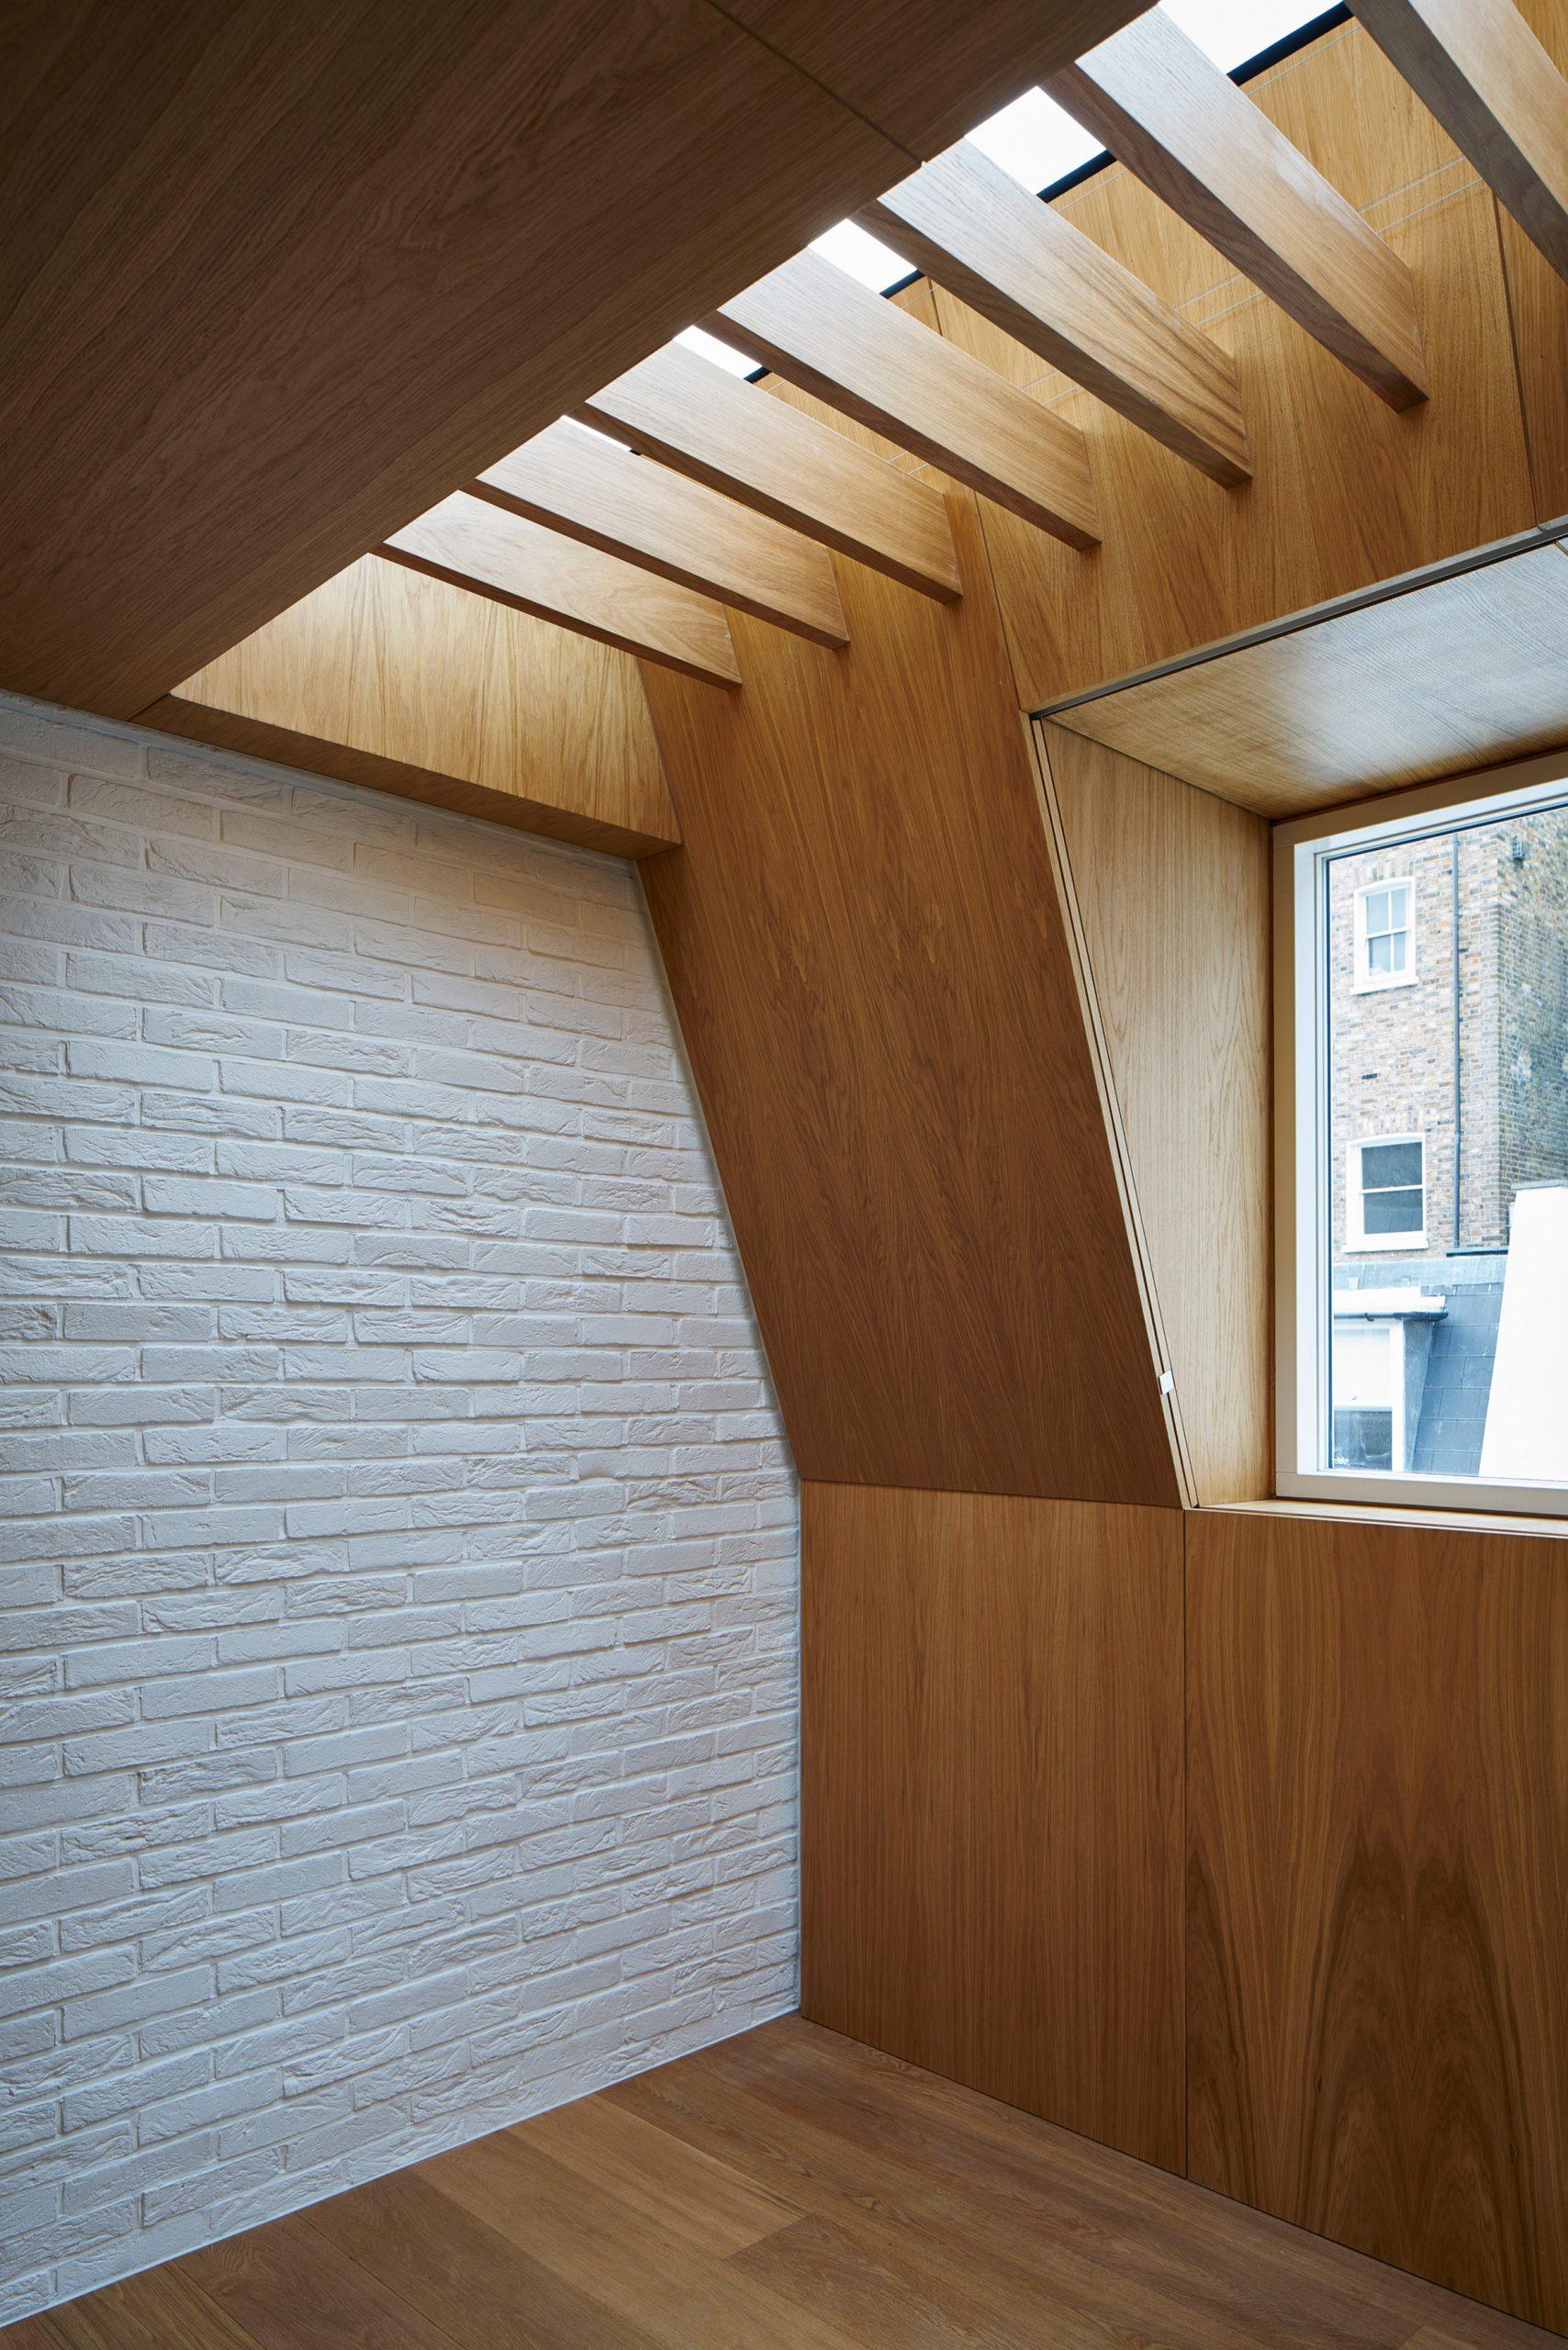 Thiết kế nhà gỗ hiện đại 18